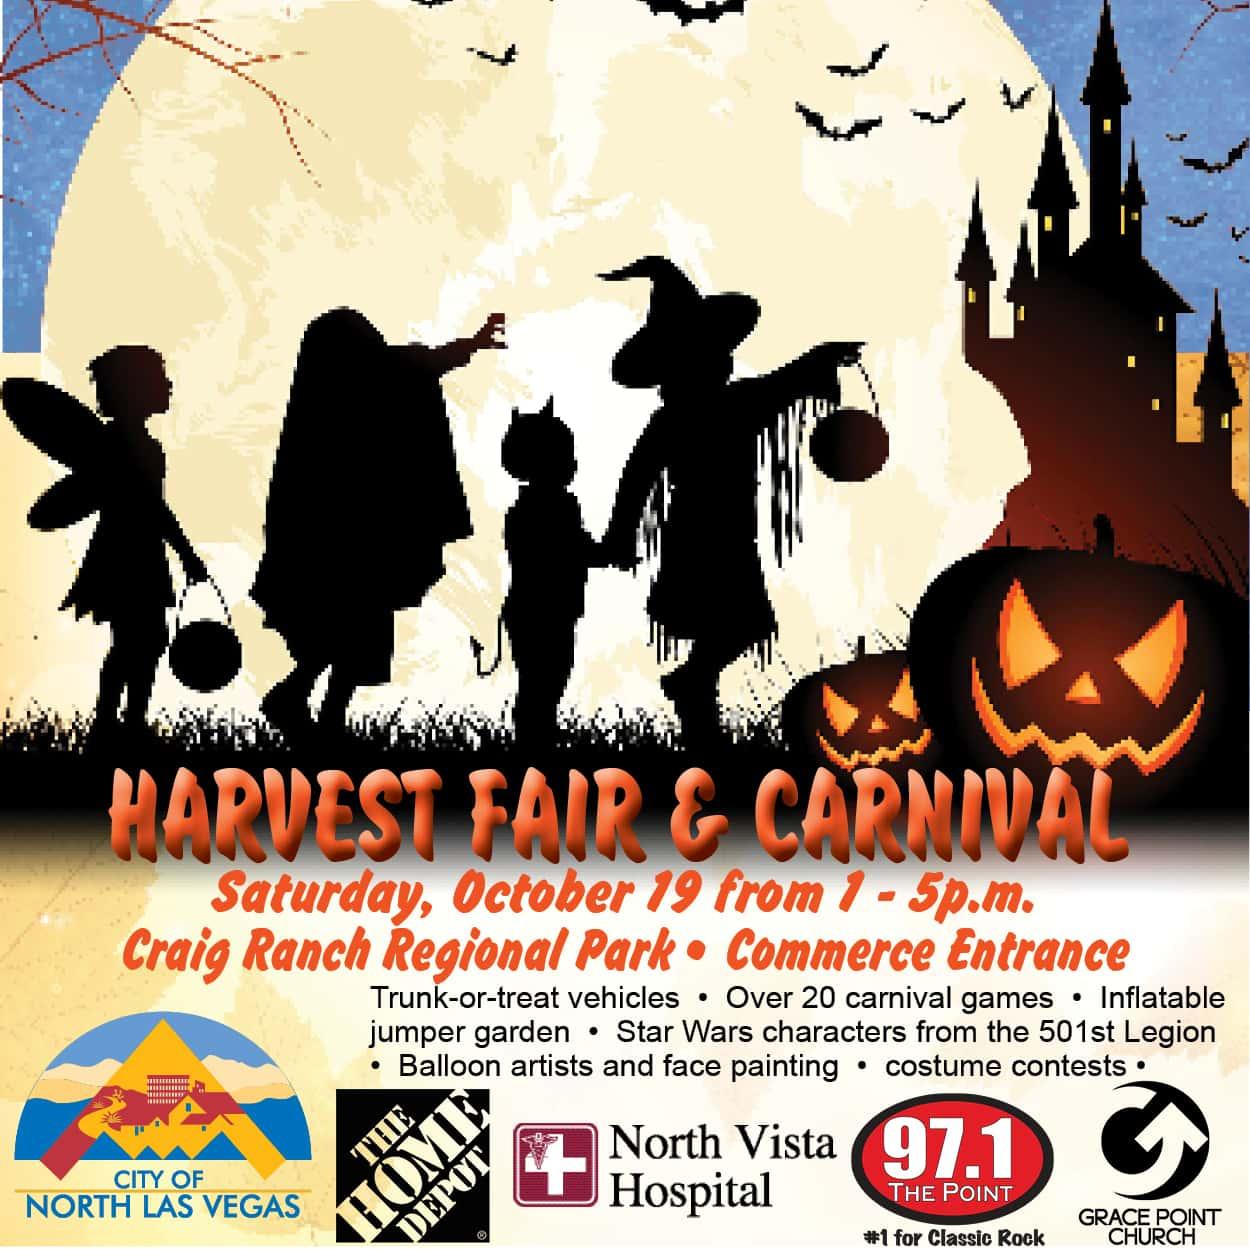 Halloween 2020 Craig Ranch Park Trunk Ot Treat Harvest Fair & Carnival | 97.1 The Point